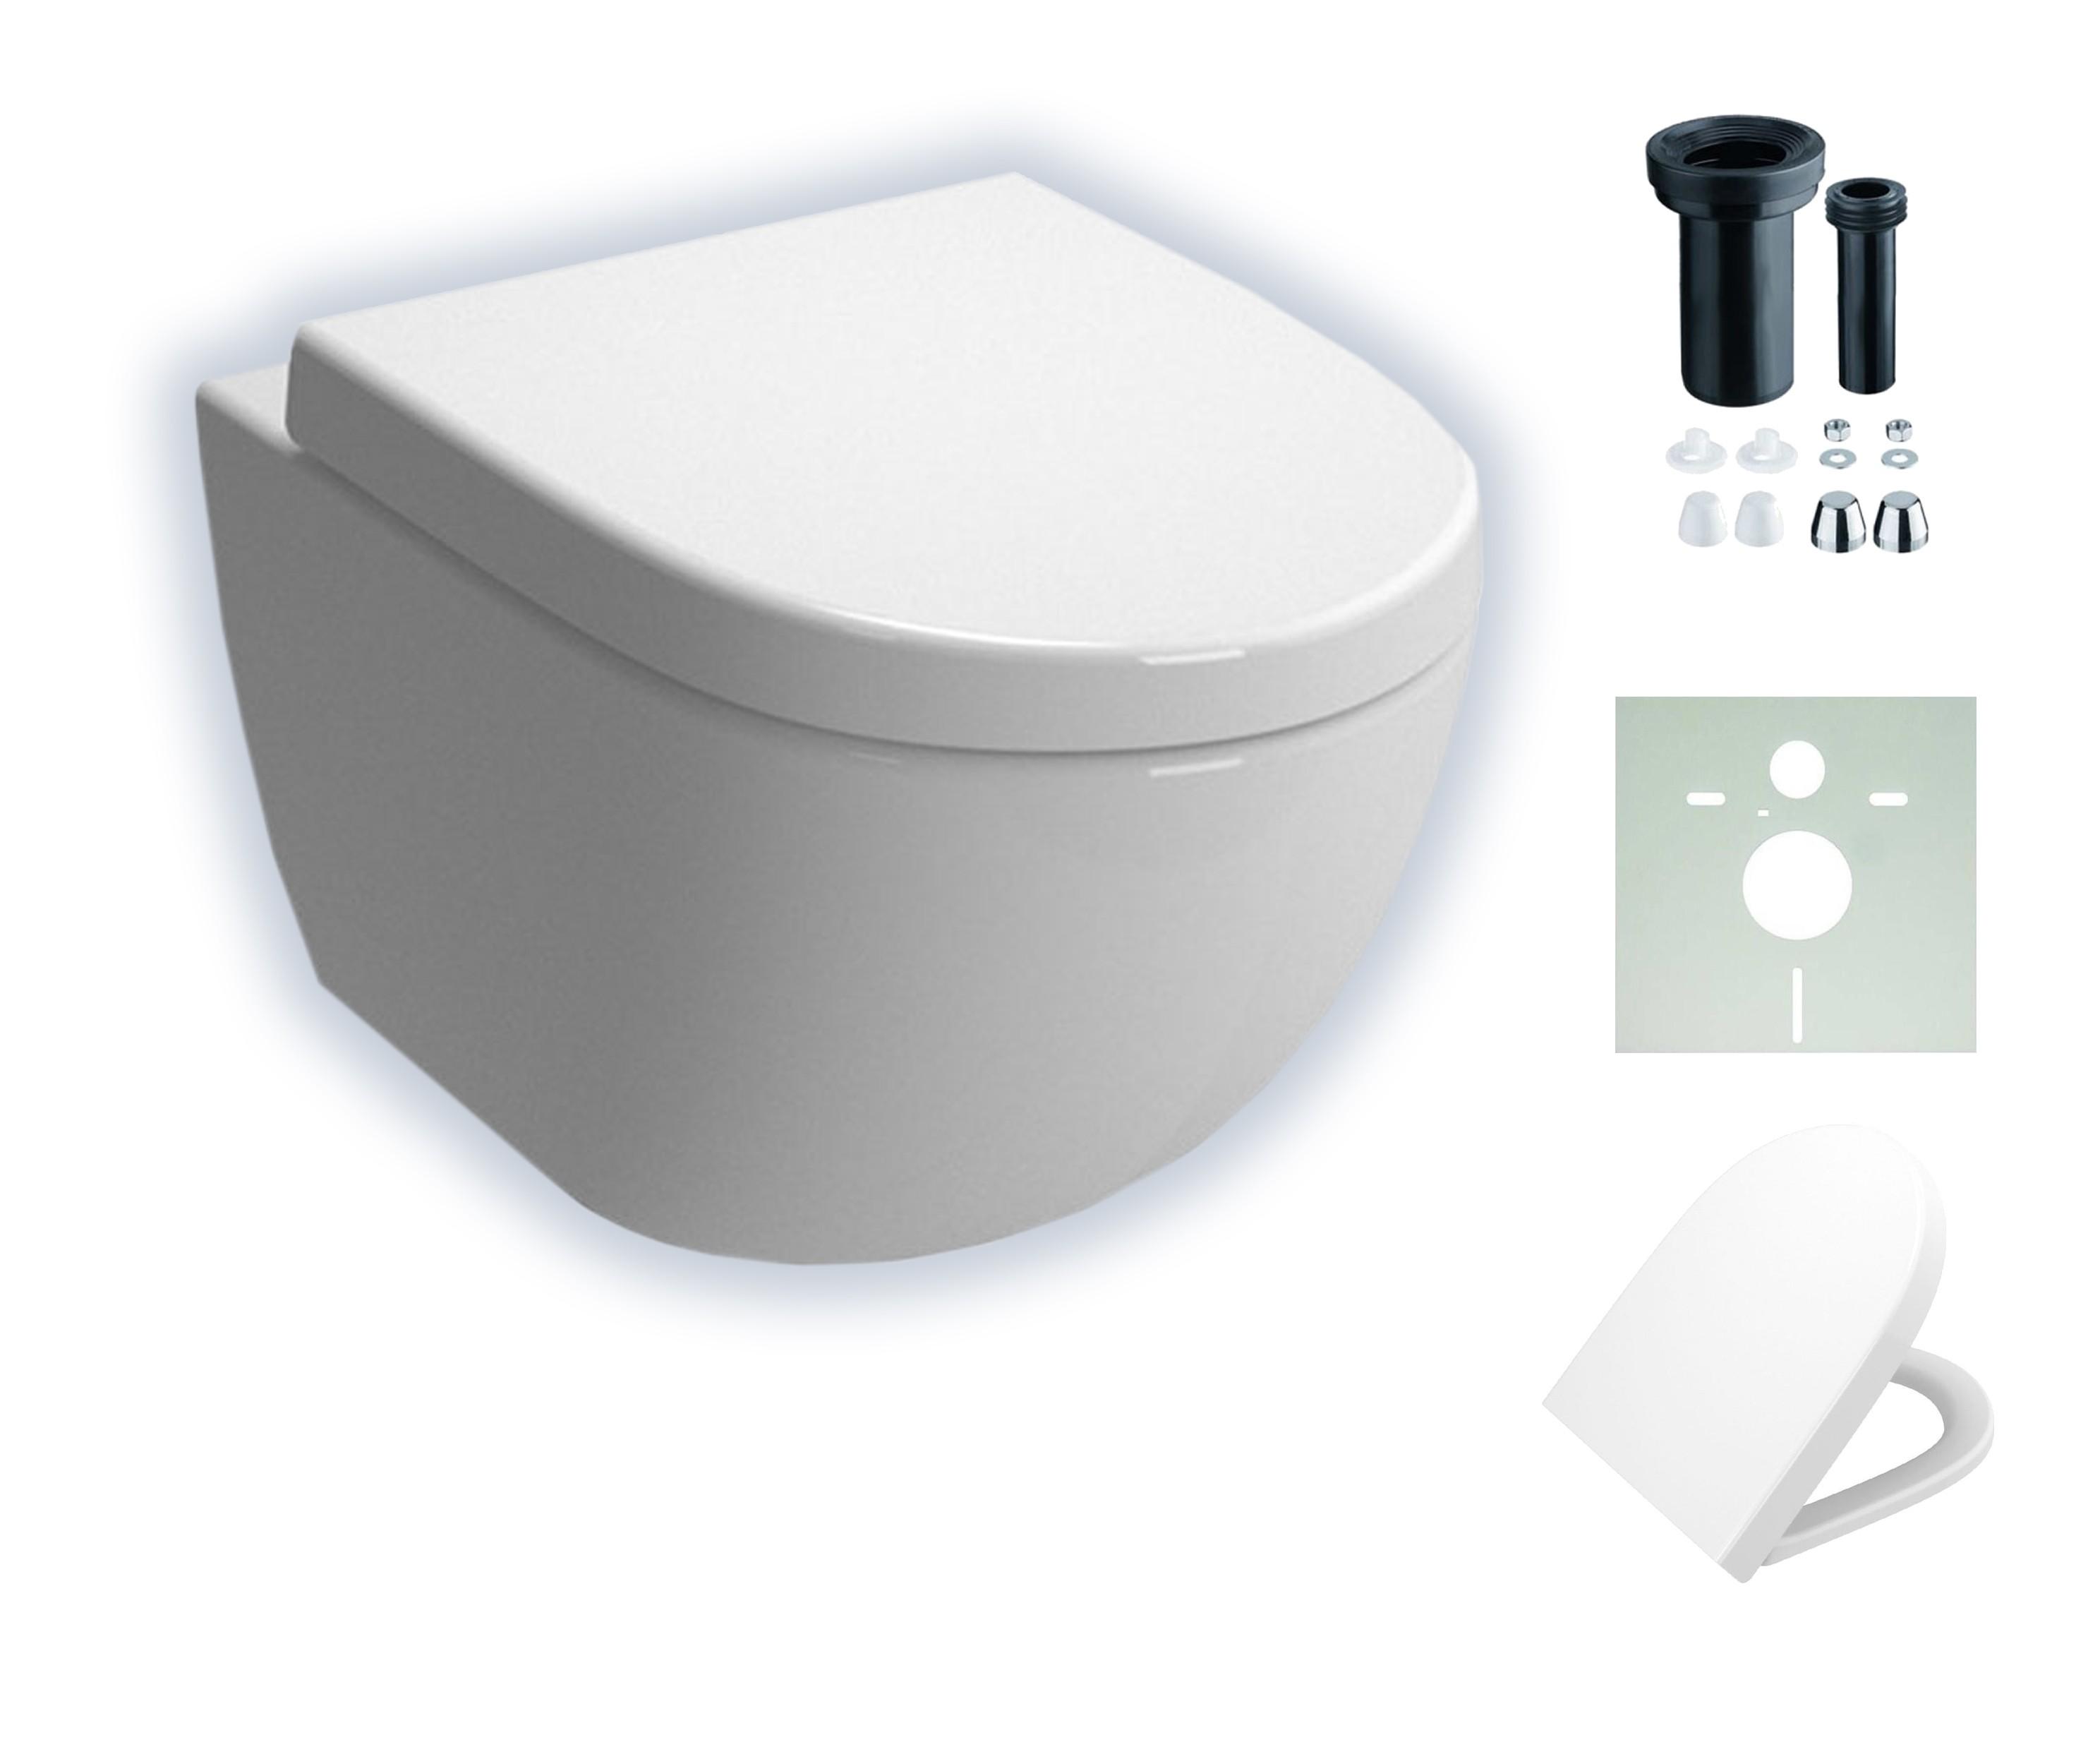 vitra options sento sp lrandloses wandh ngendes tiefsp l wc mit bidetfunktion 7748b003 0559. Black Bedroom Furniture Sets. Home Design Ideas